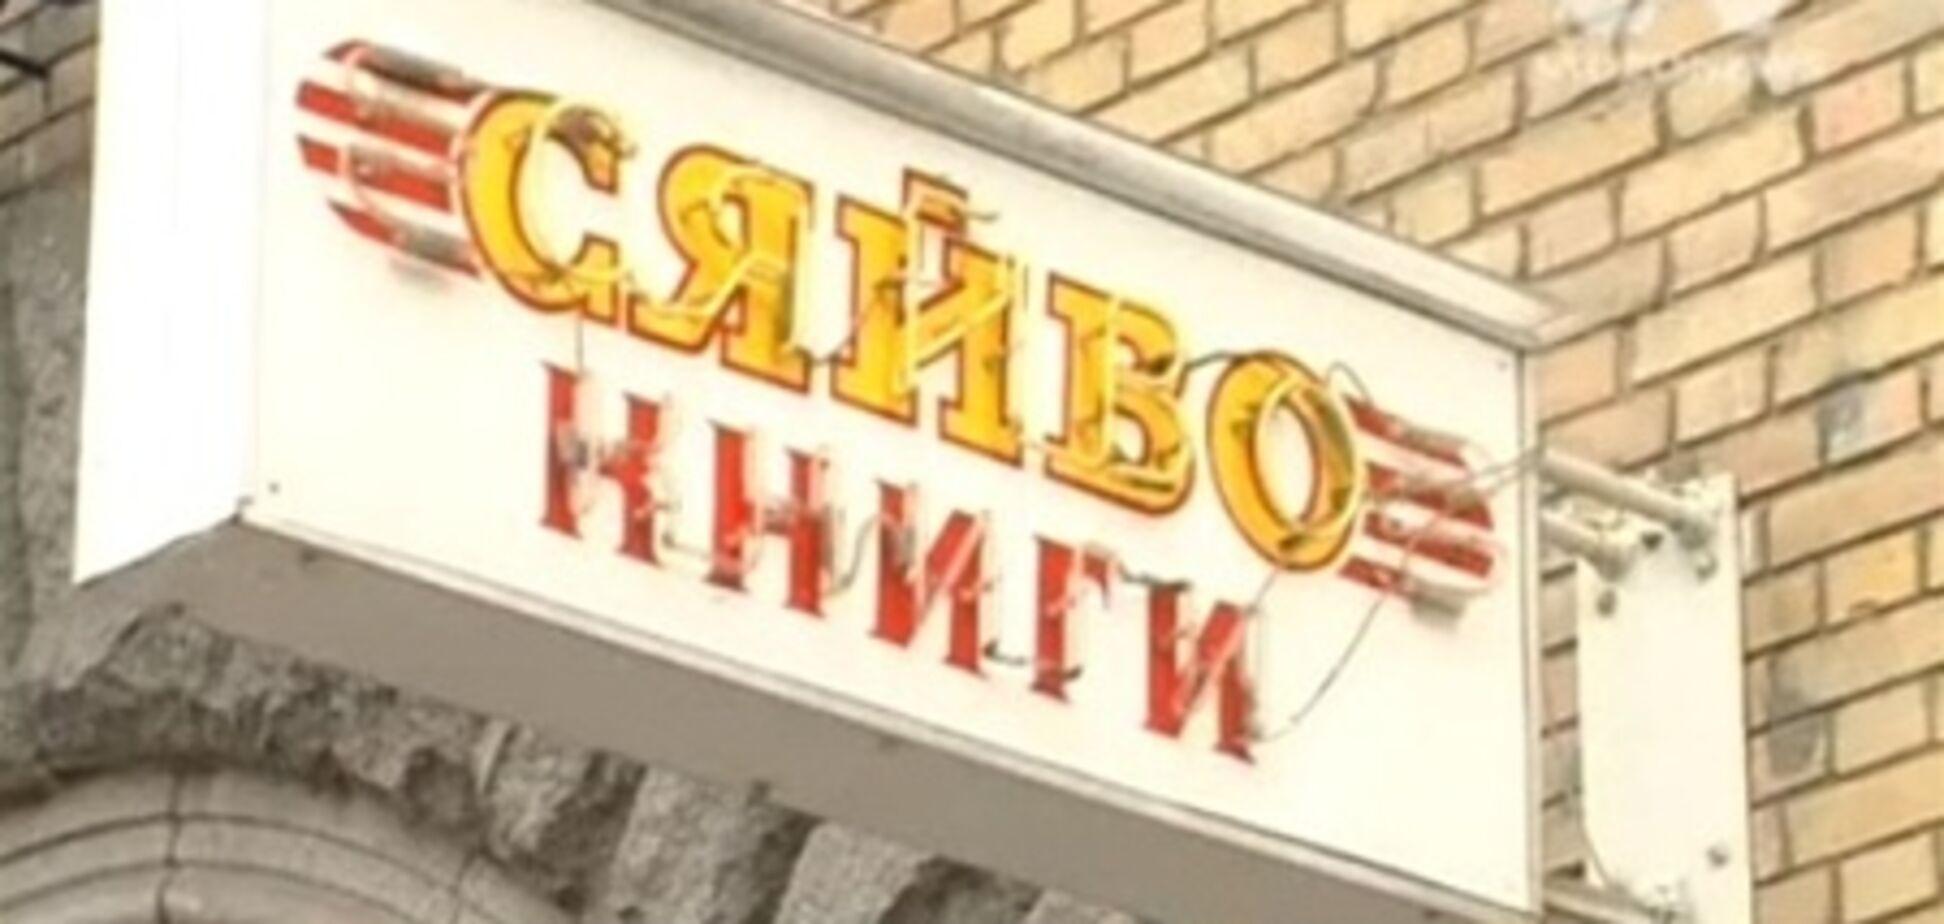 Книжный магазин 'Сяйво': девять лет противостояния